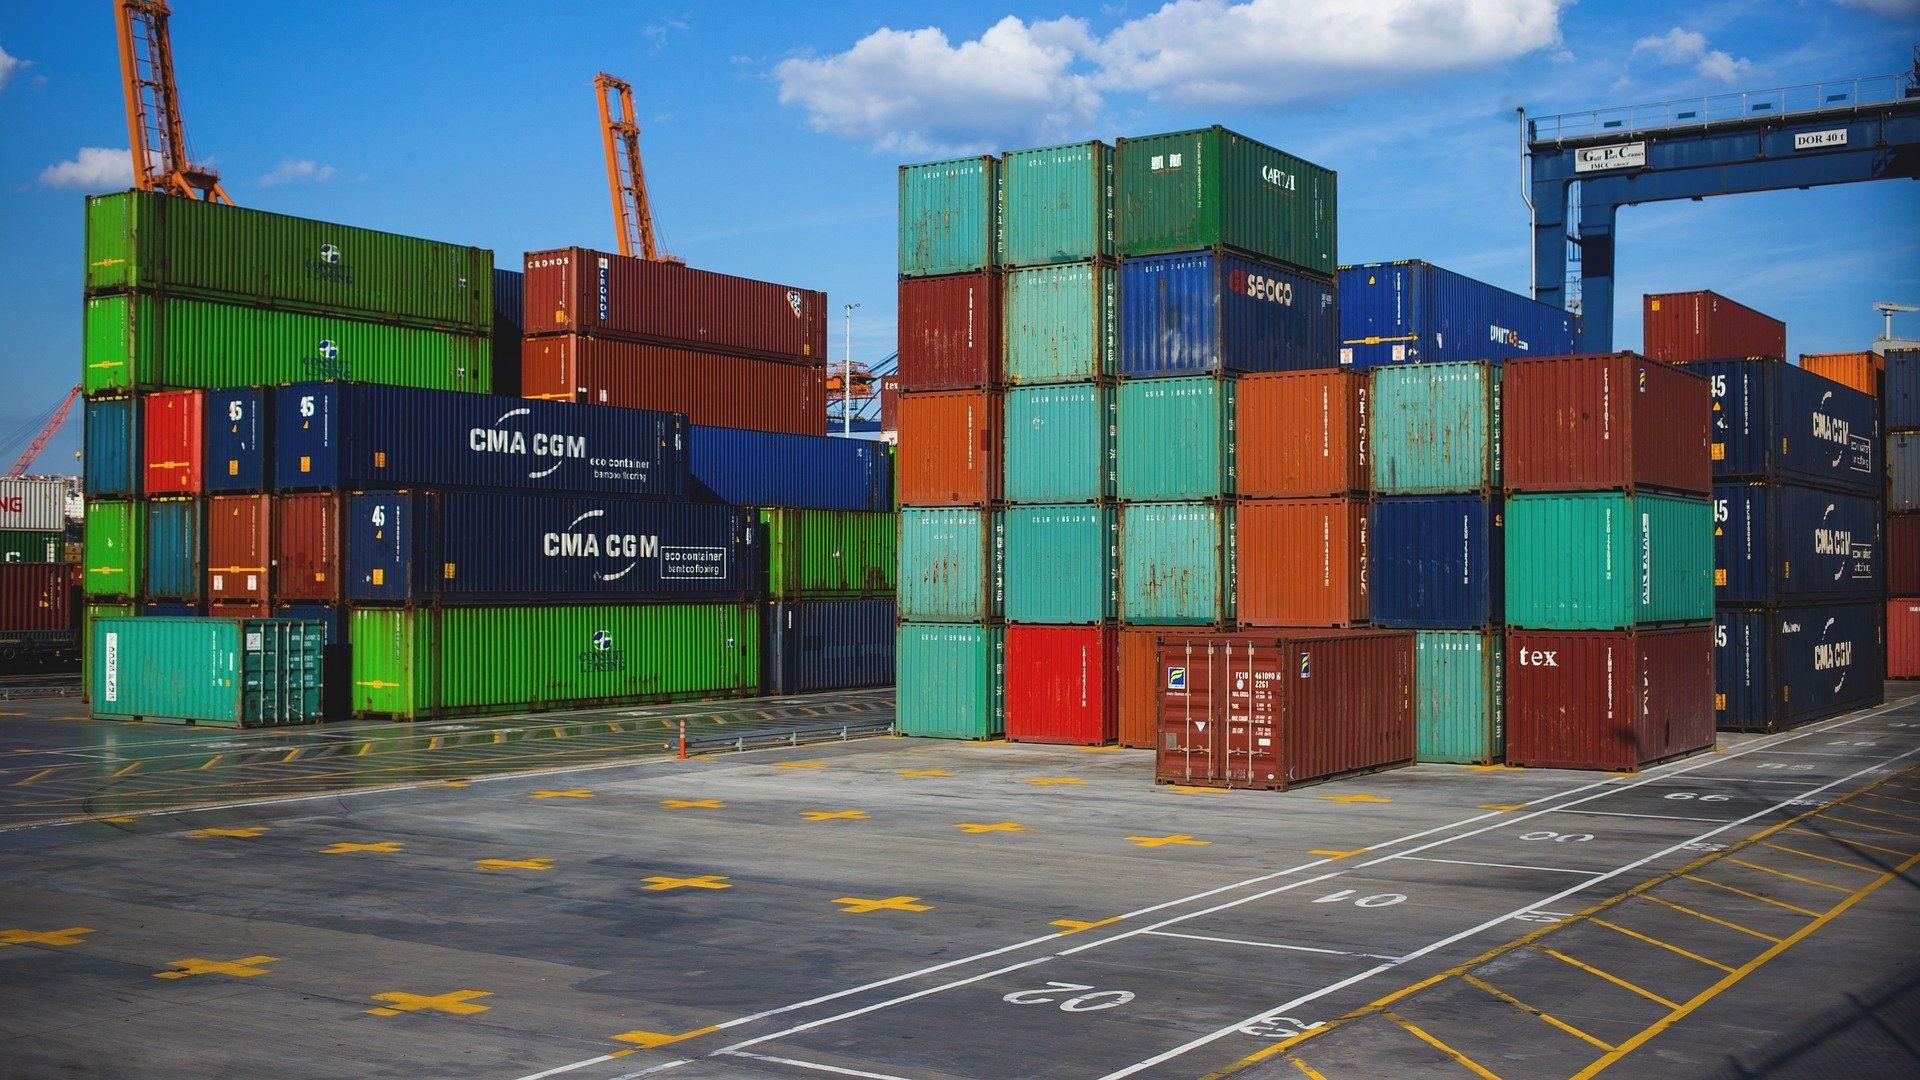 Crise pode reduzir a importação e exportação de produtos em todo o mundo